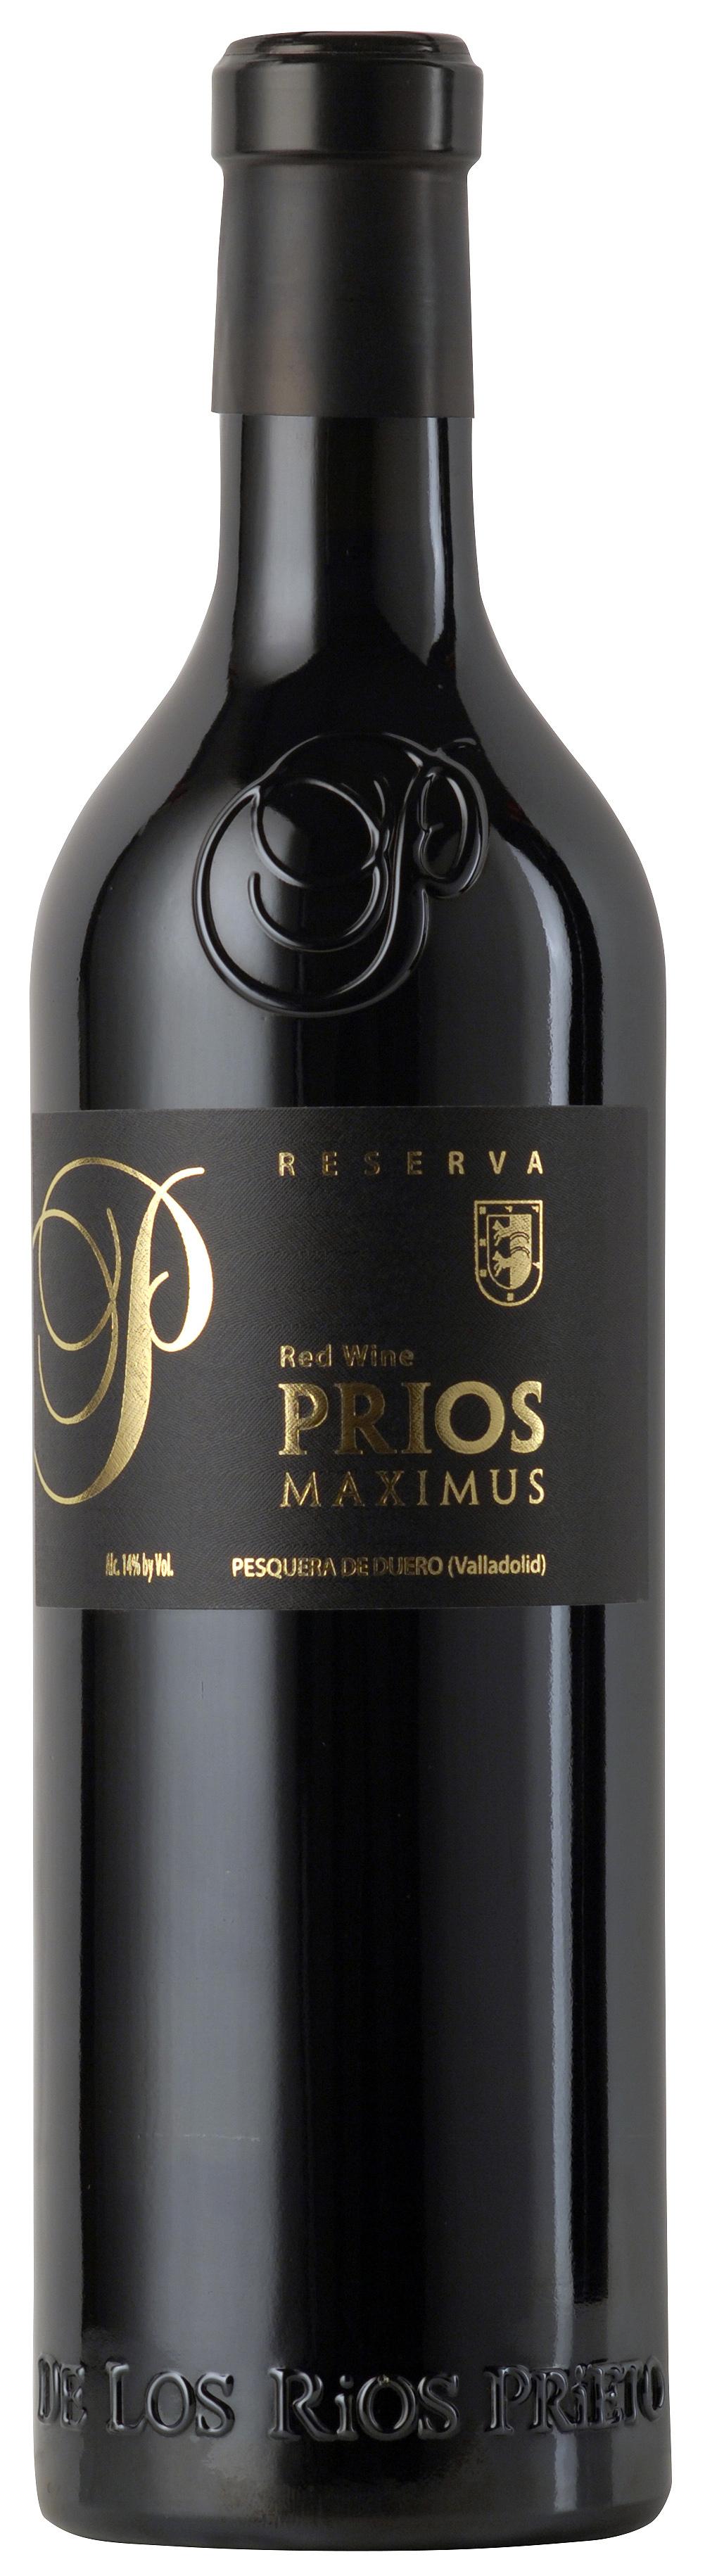 Prios Maximus Reserva